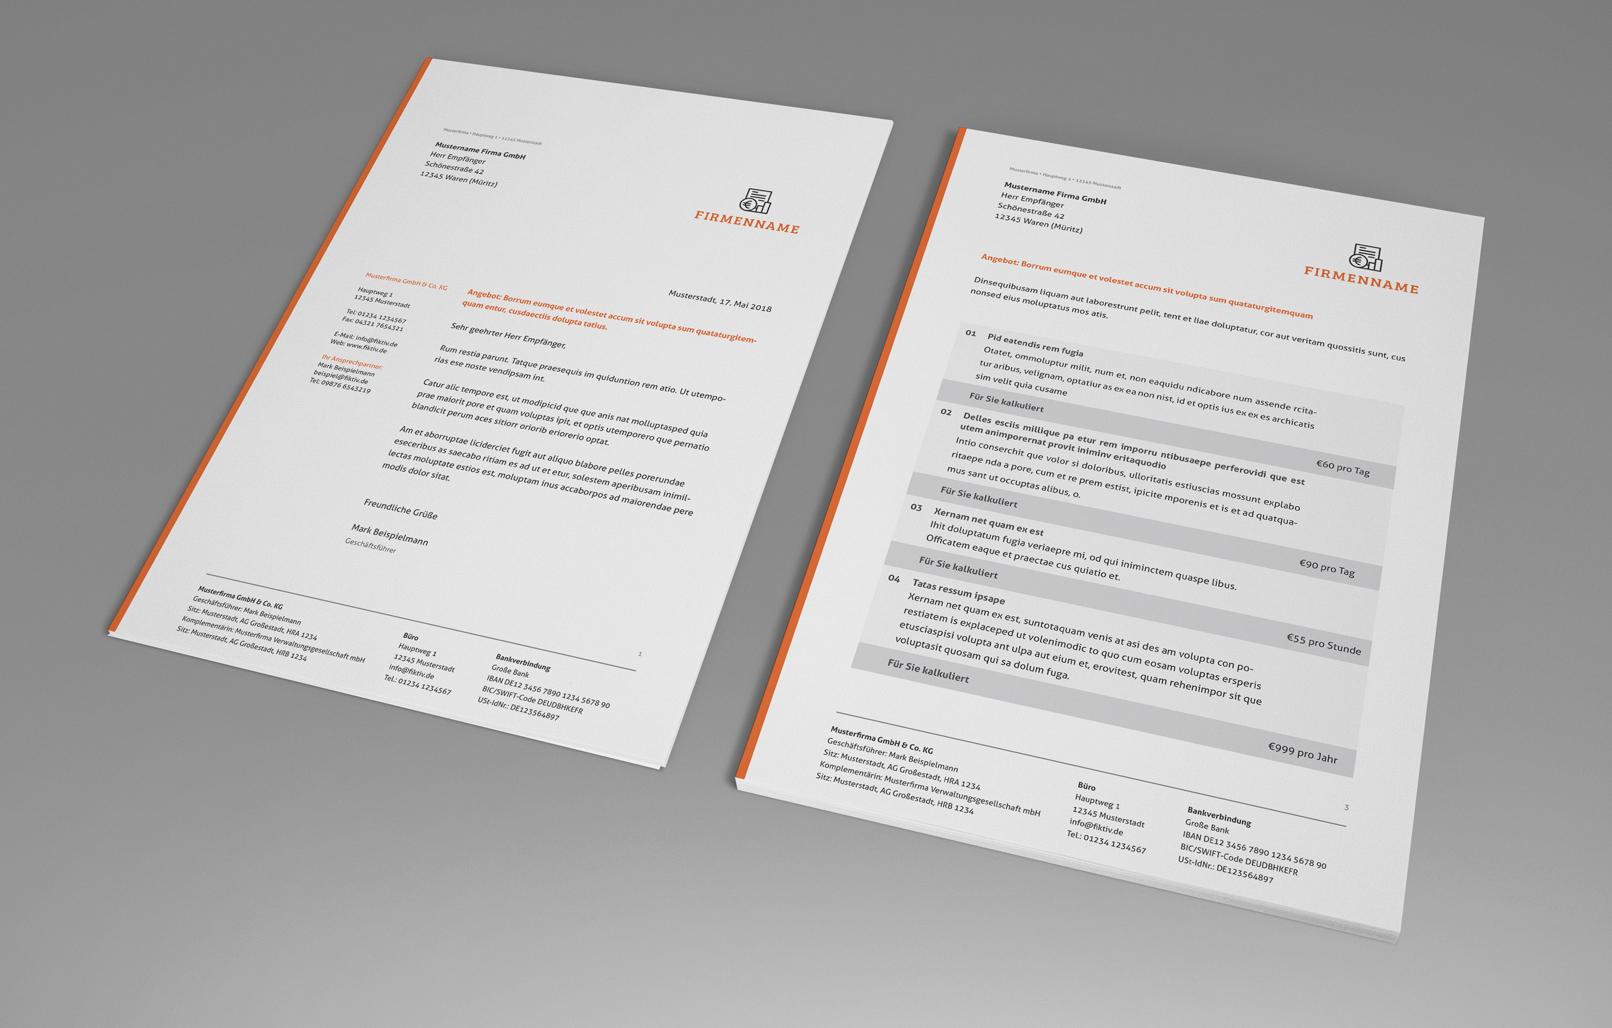 Rechnungsvorlagen als Download